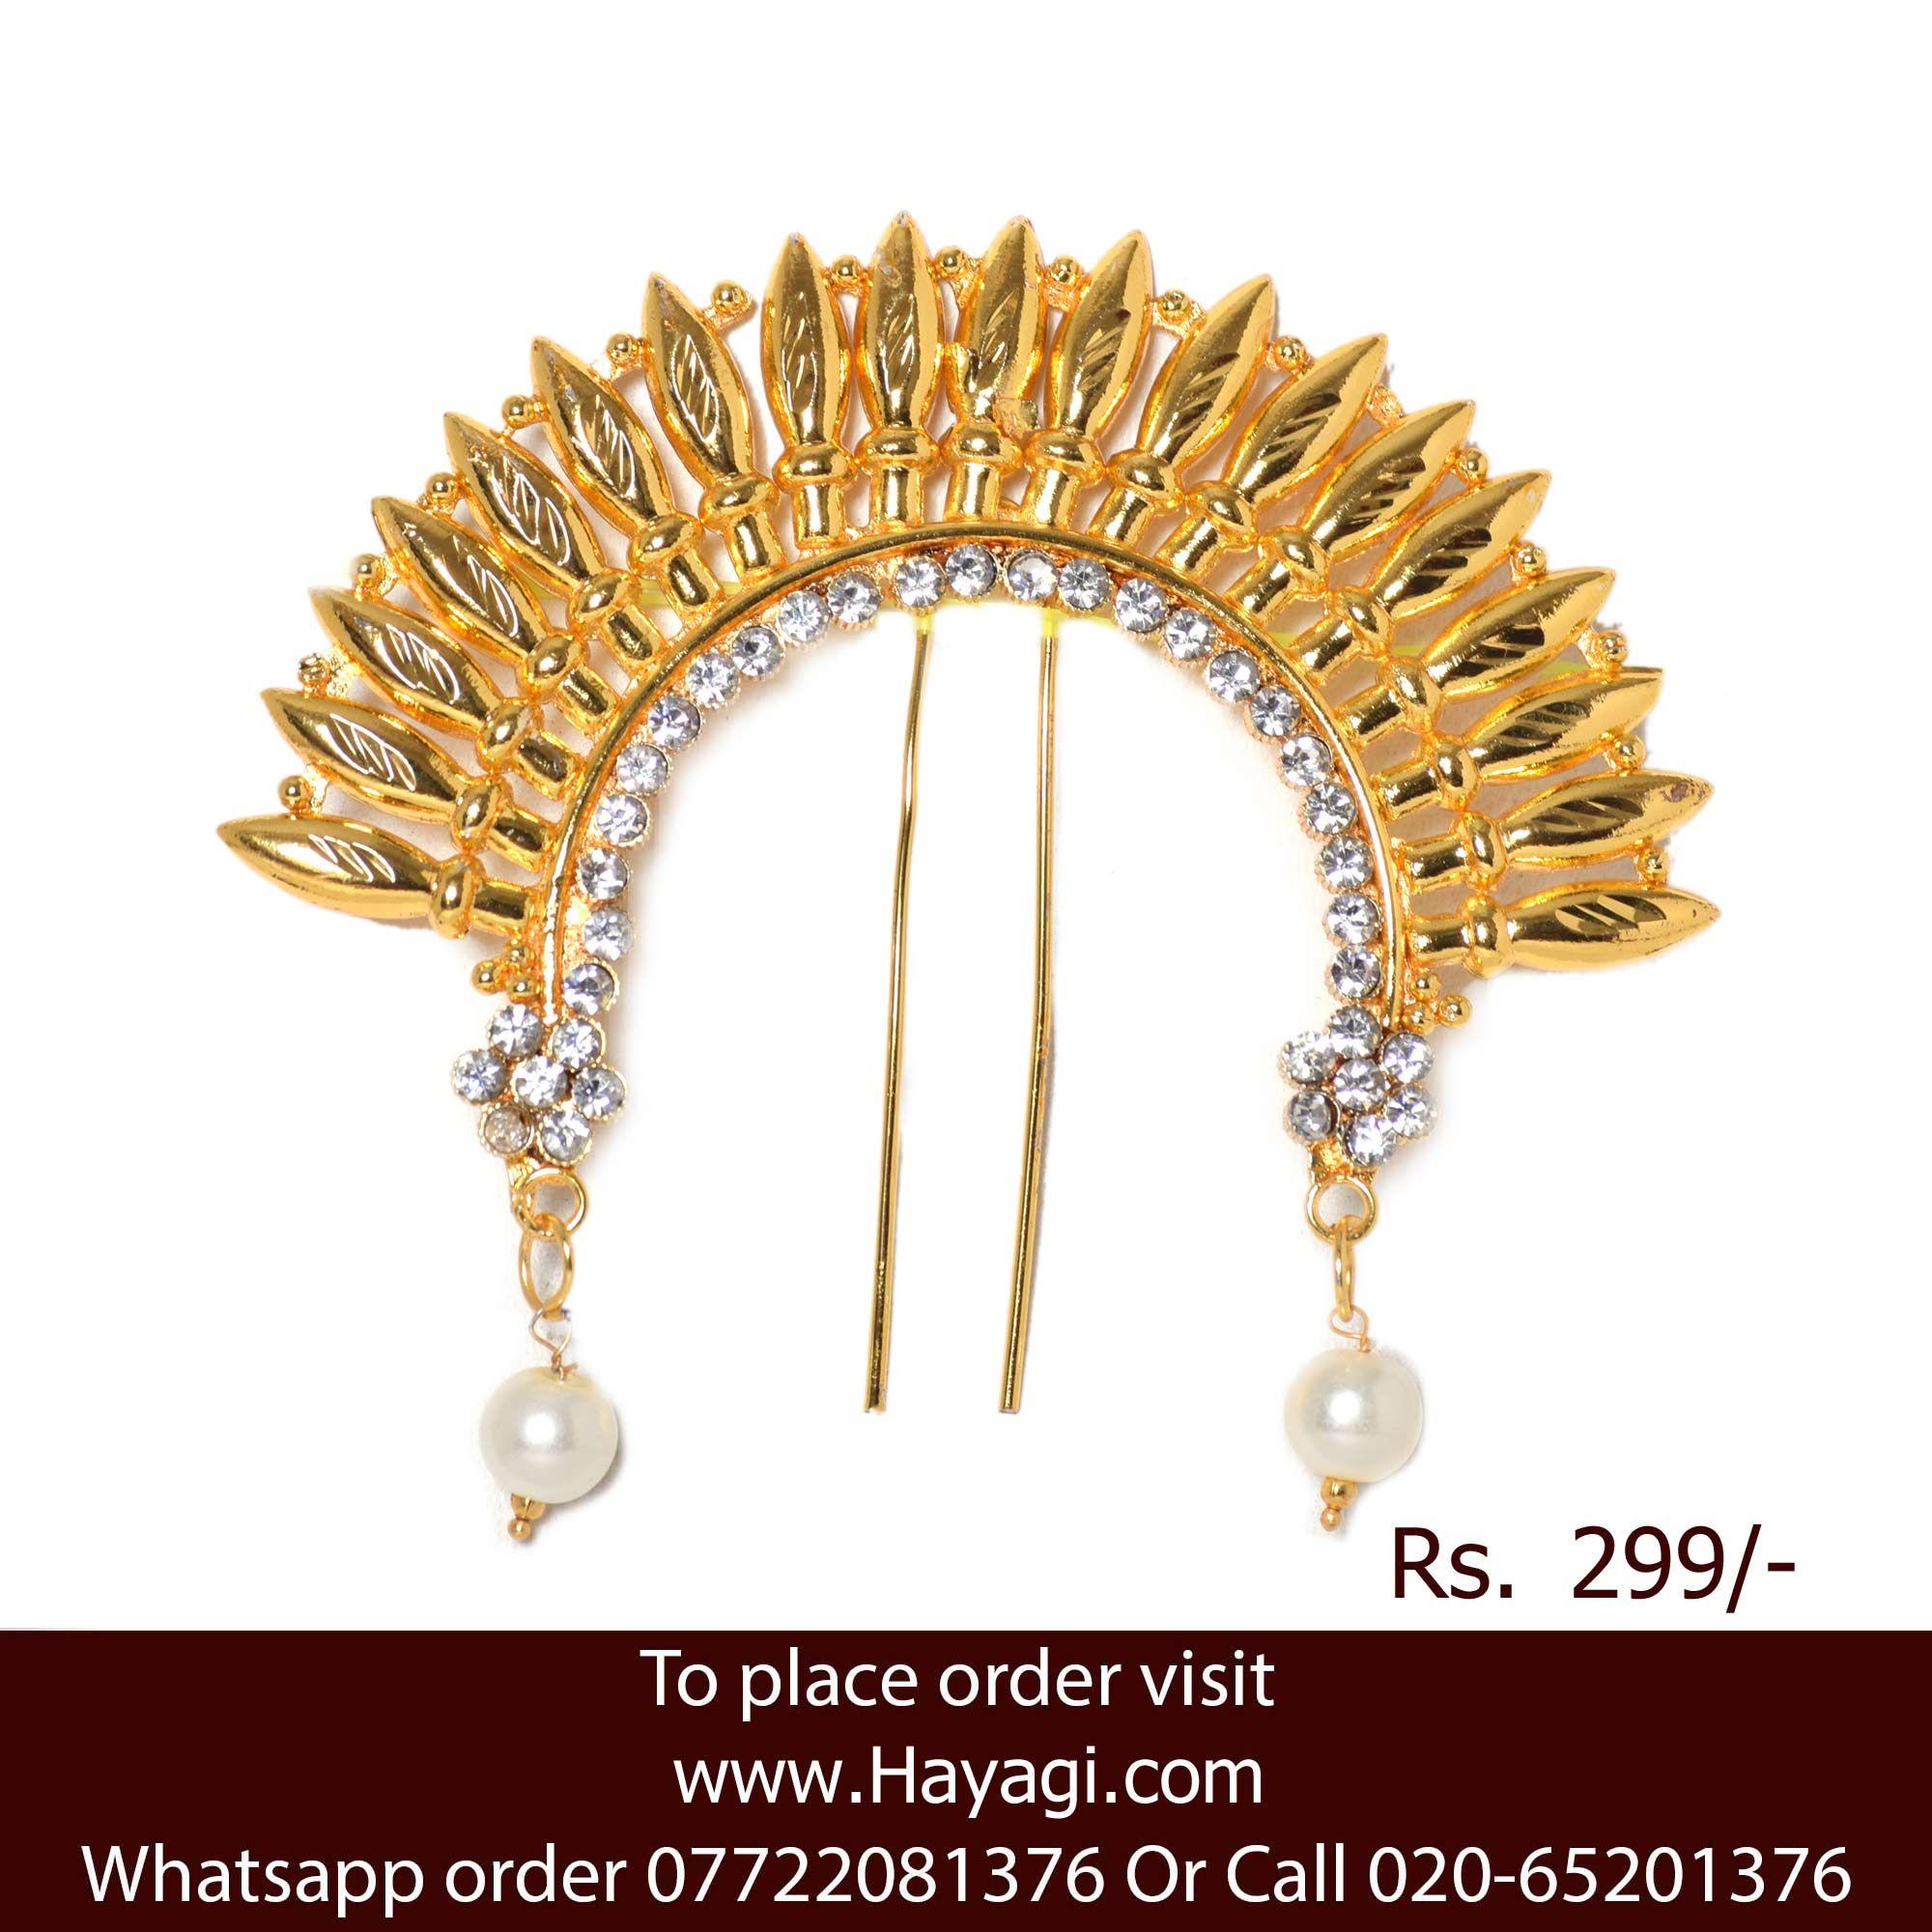 bab21f5295293 Awesome Traditional Hair Pin | Ambada | Hair Brooch Online -Hayagi ...